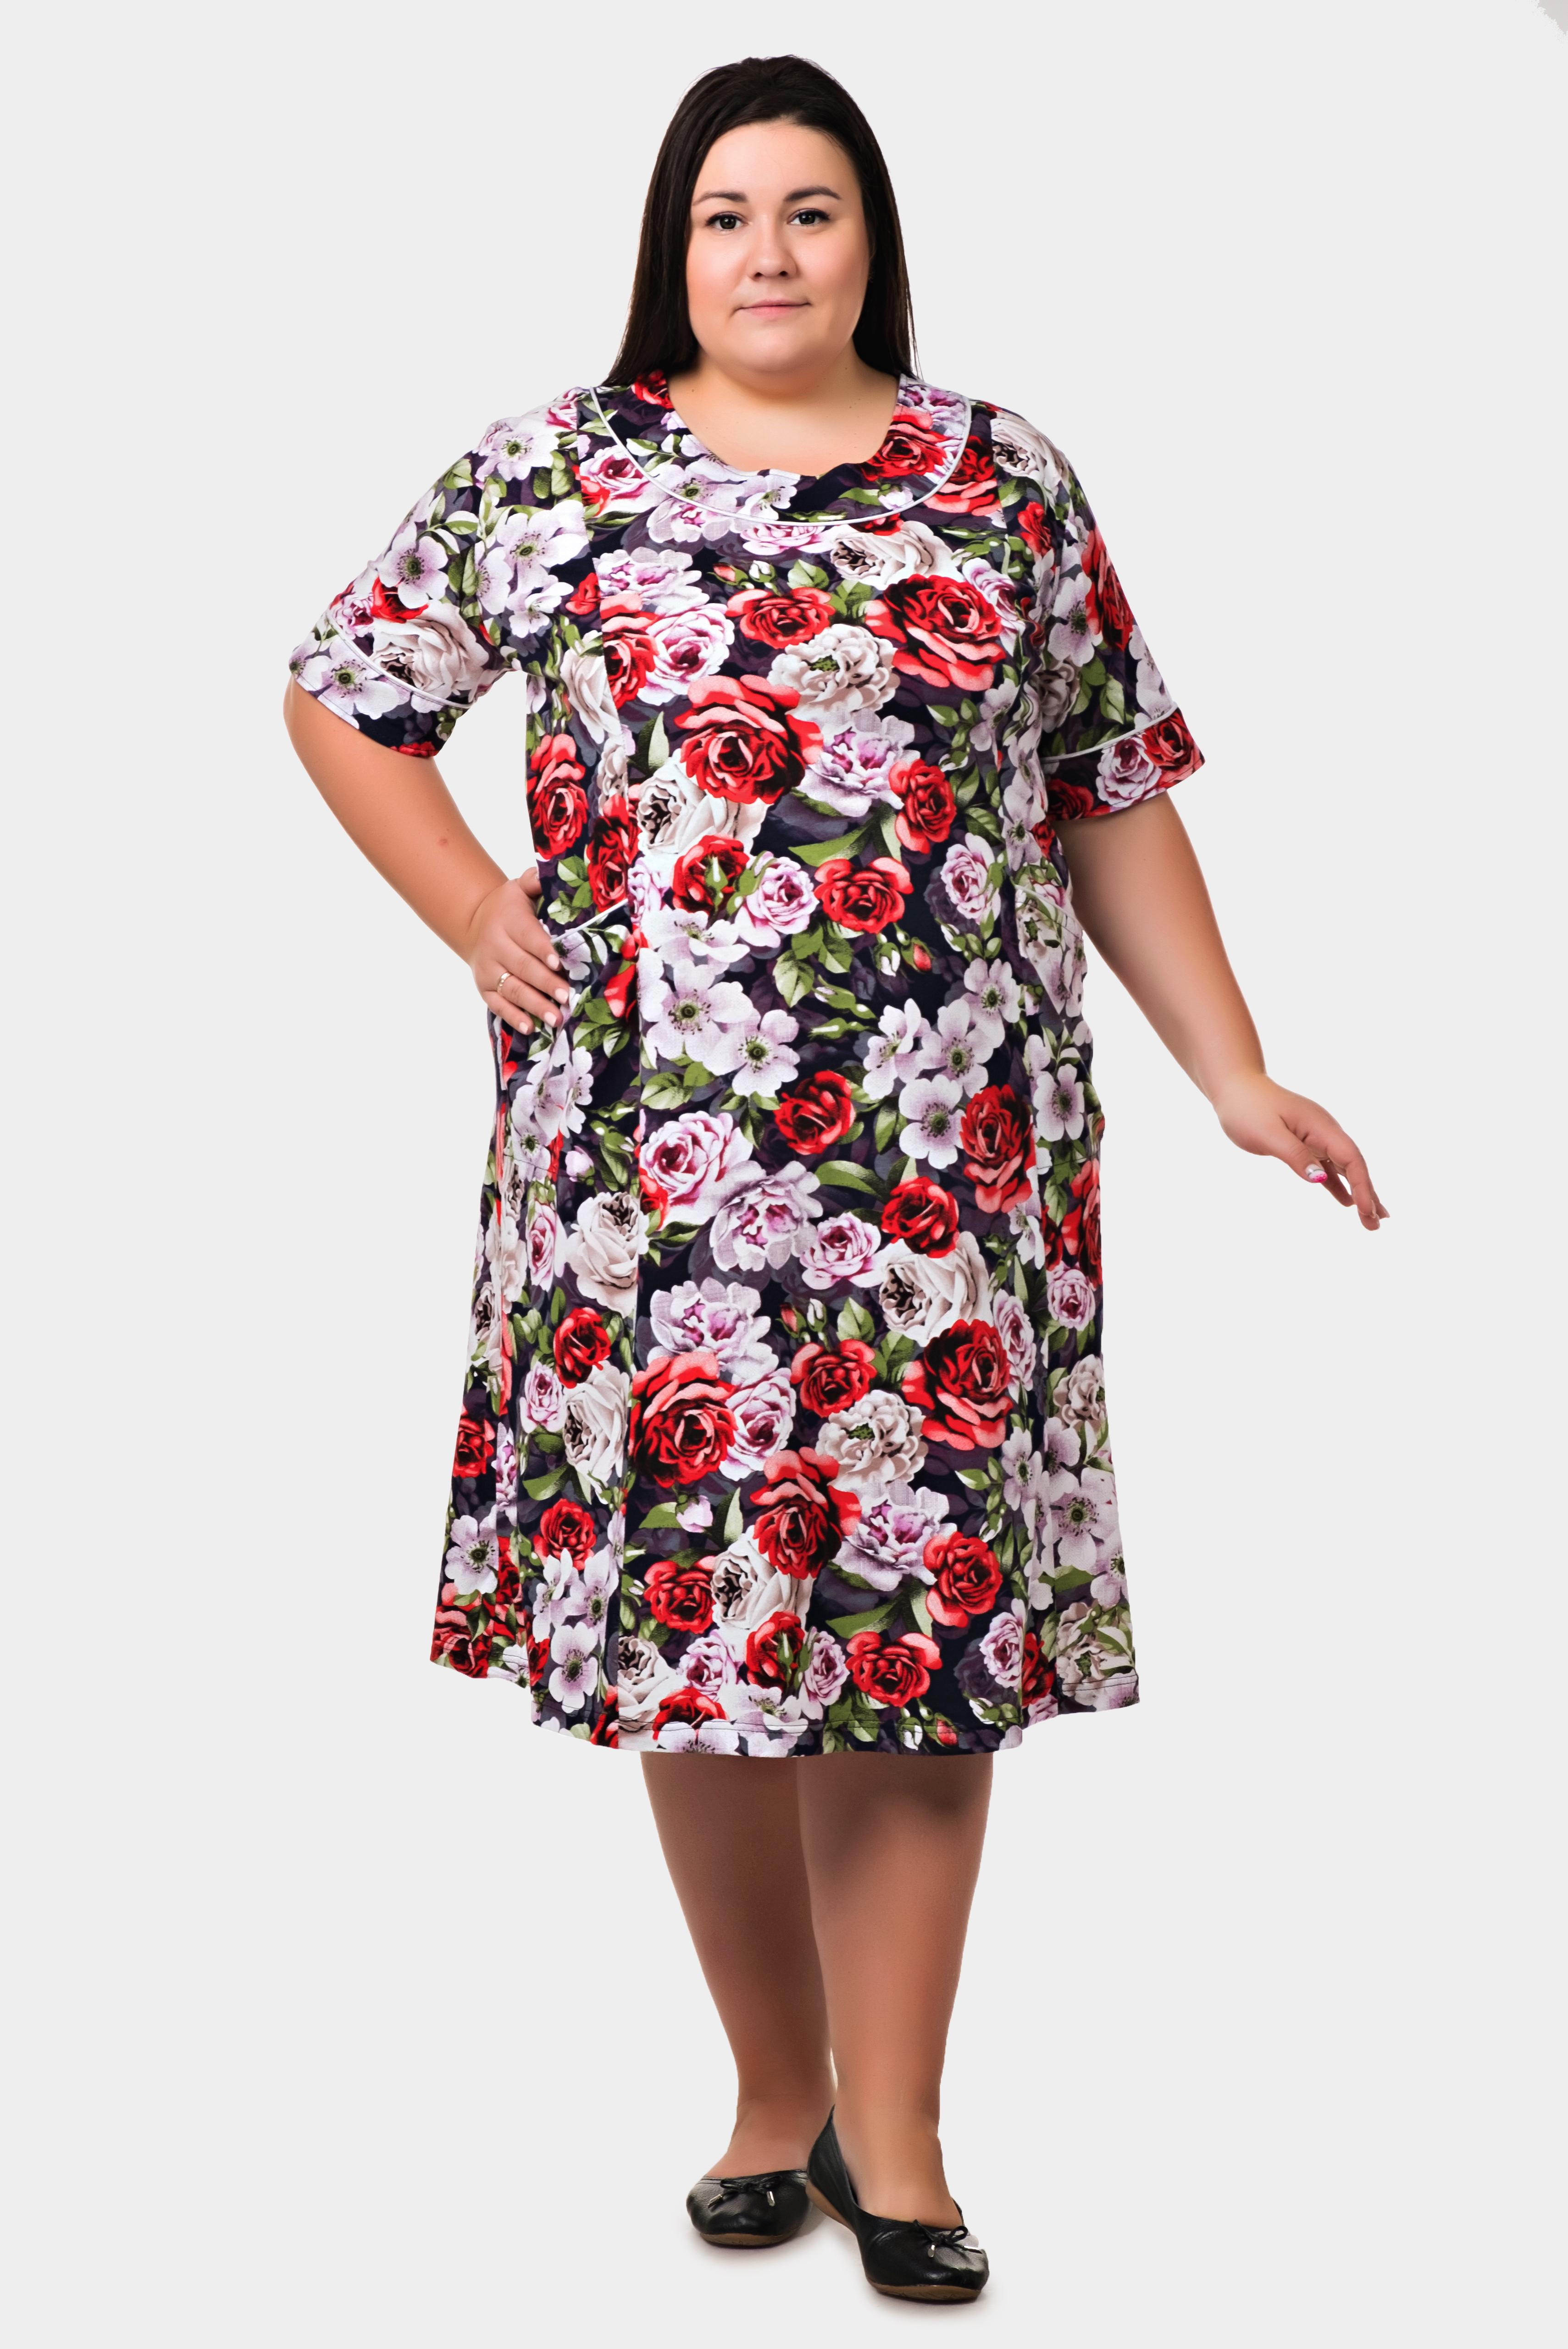 Изображение: Платье с кантом